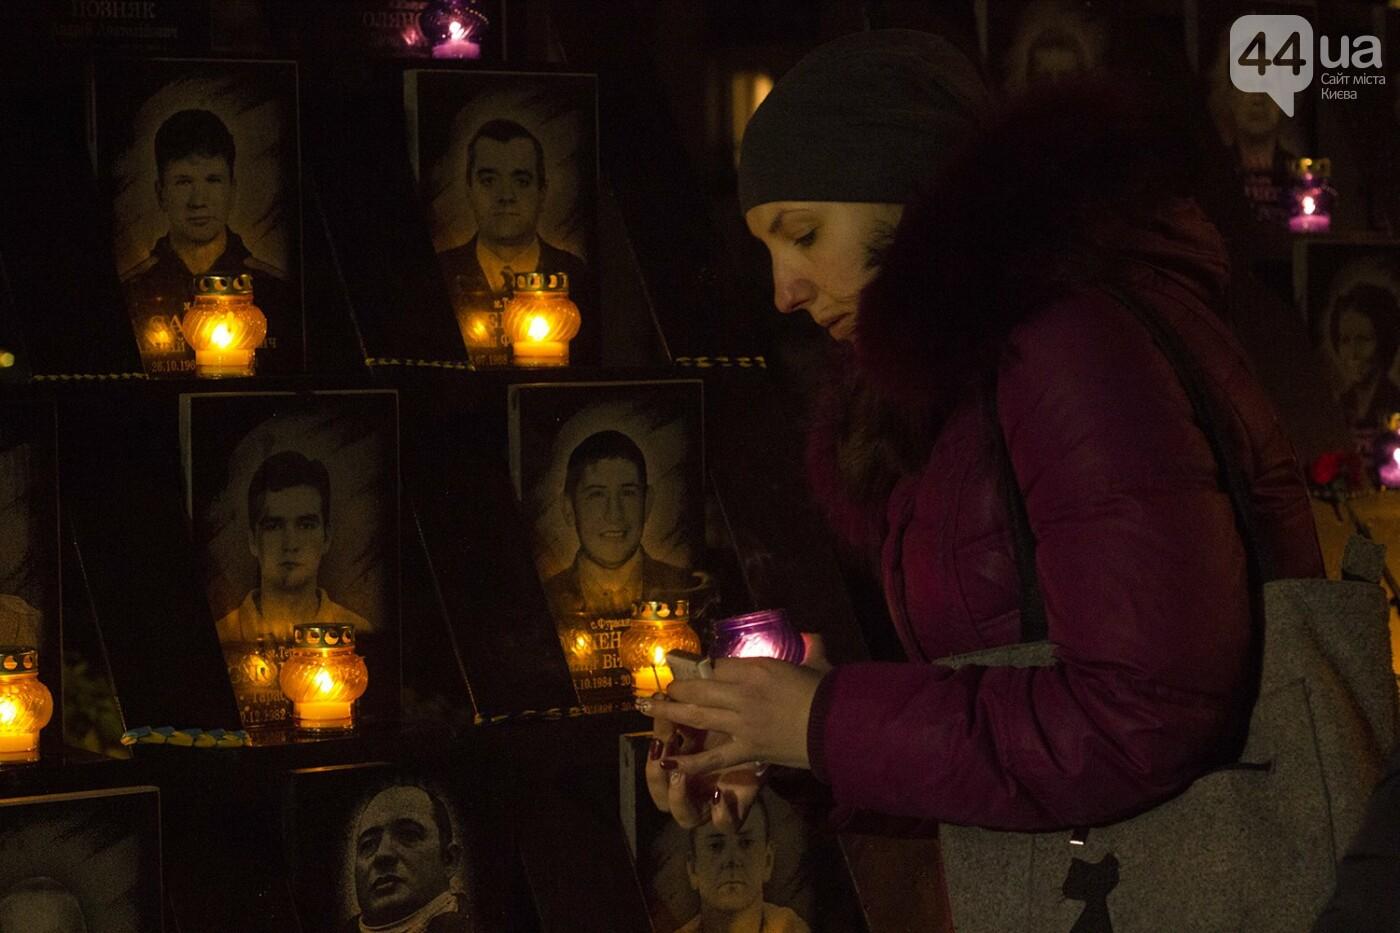 Годовщина Евромайдана: в Киеве зажгли Лучи достоинства, фото-16